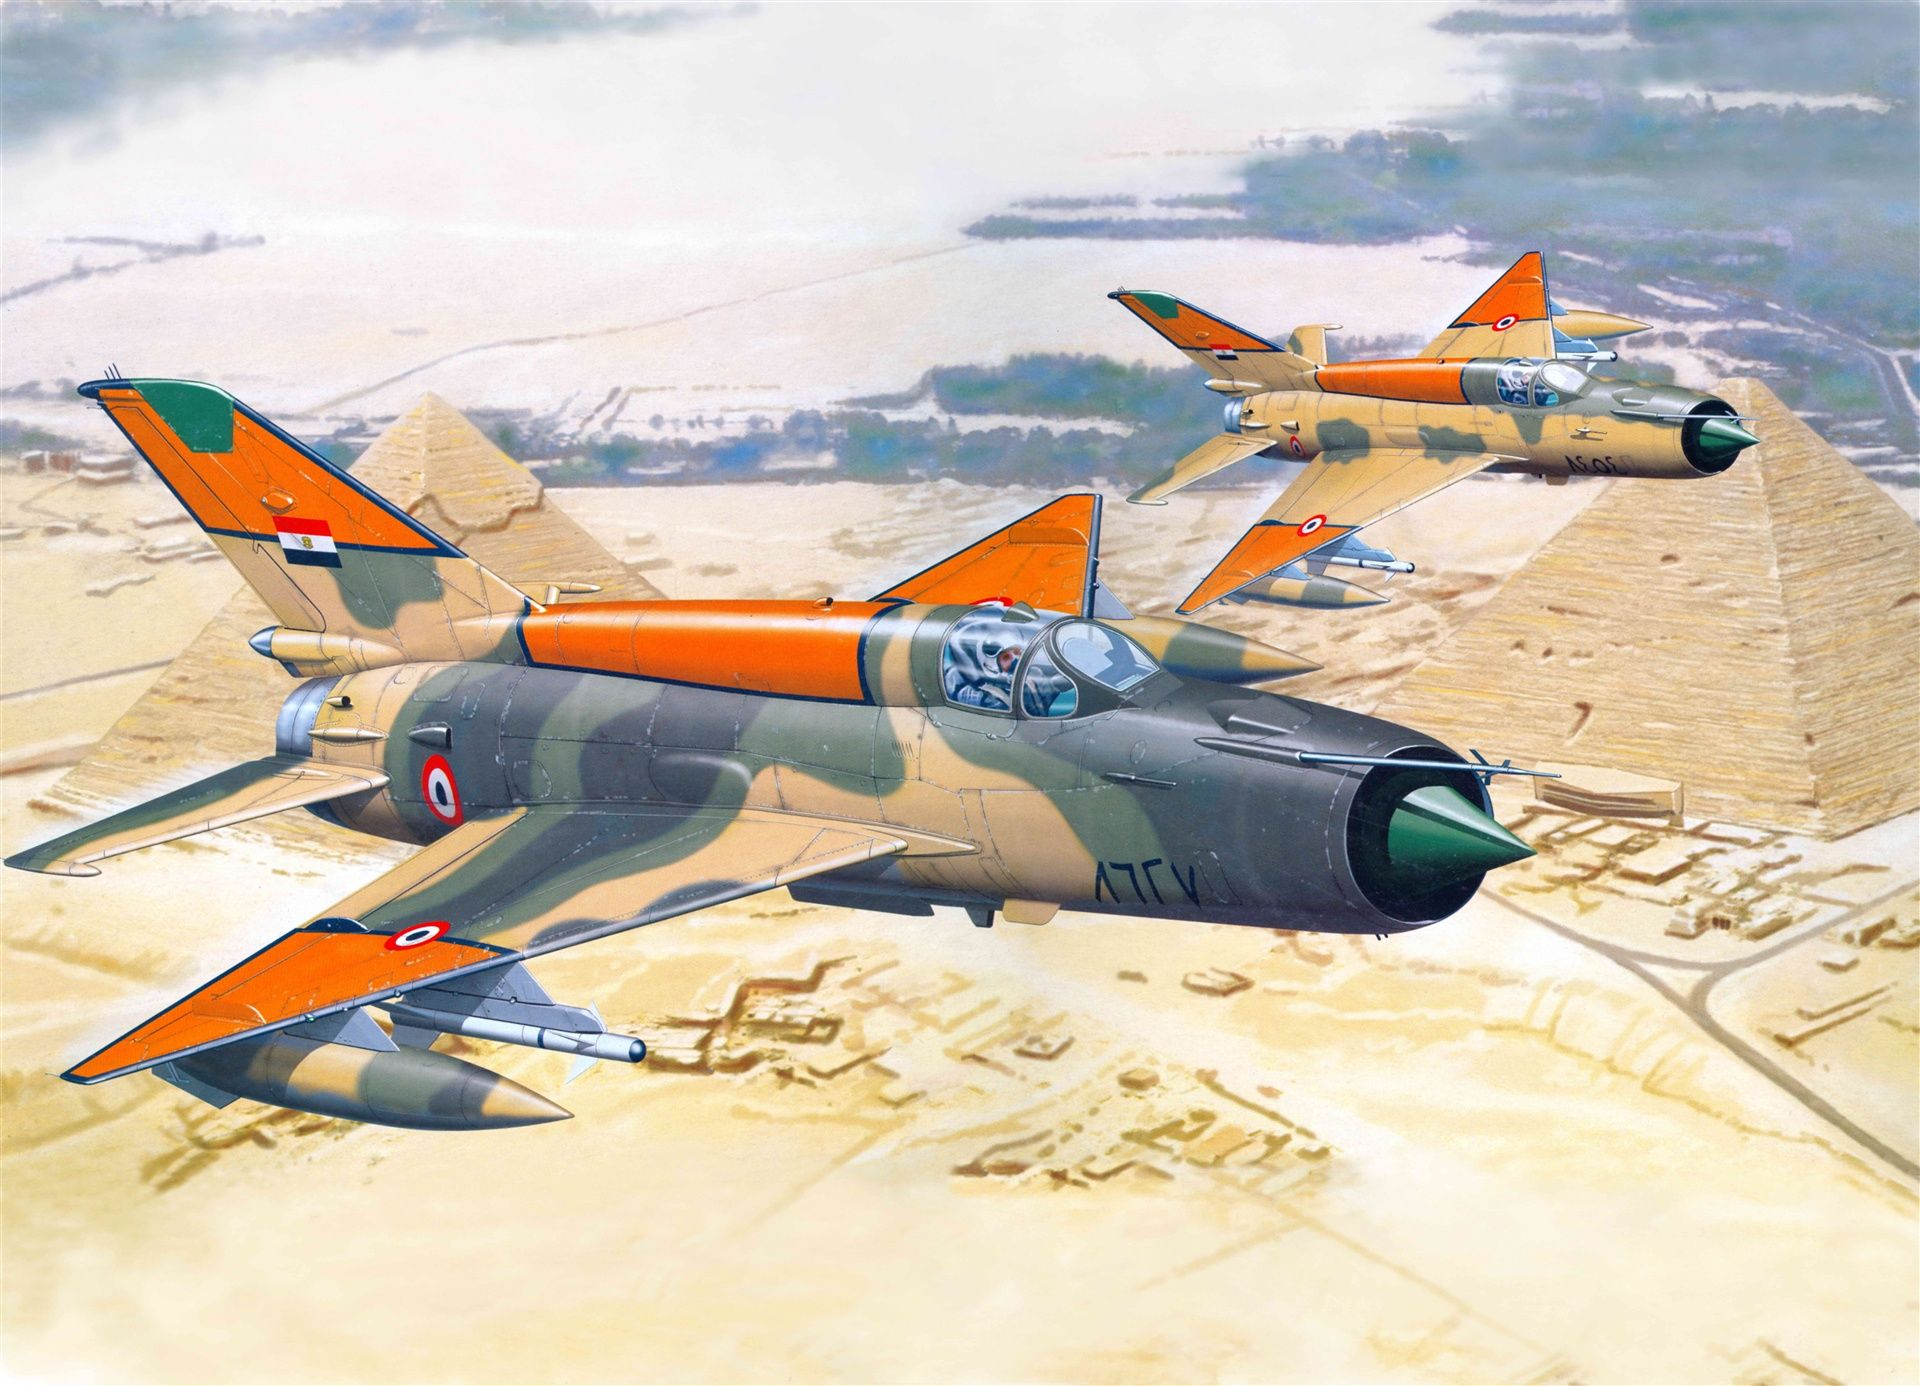 Các cuộc chiến không được tuyên bố giữa Liên Xô và Israel